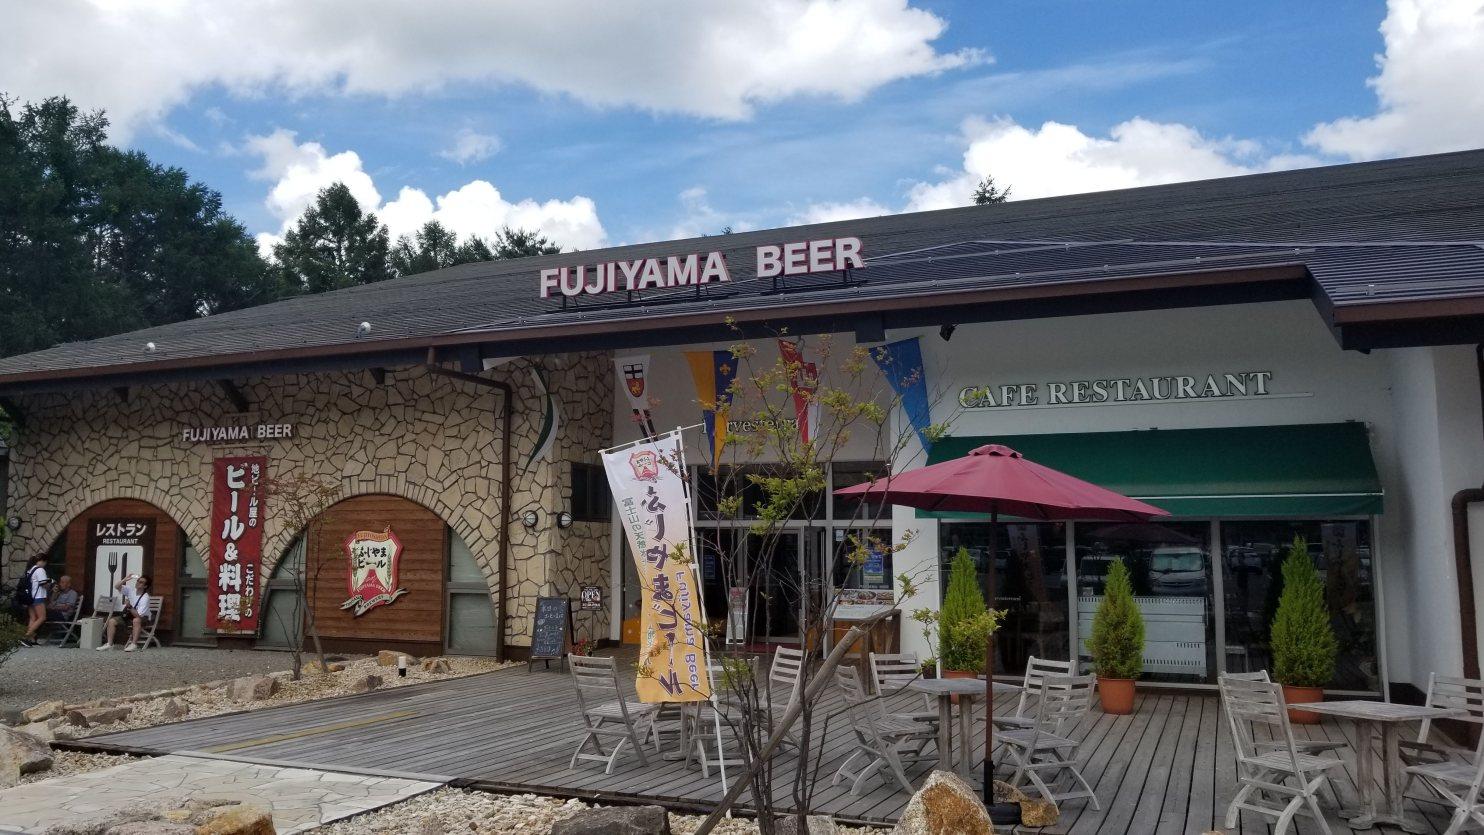 Fujiyama Beer Front